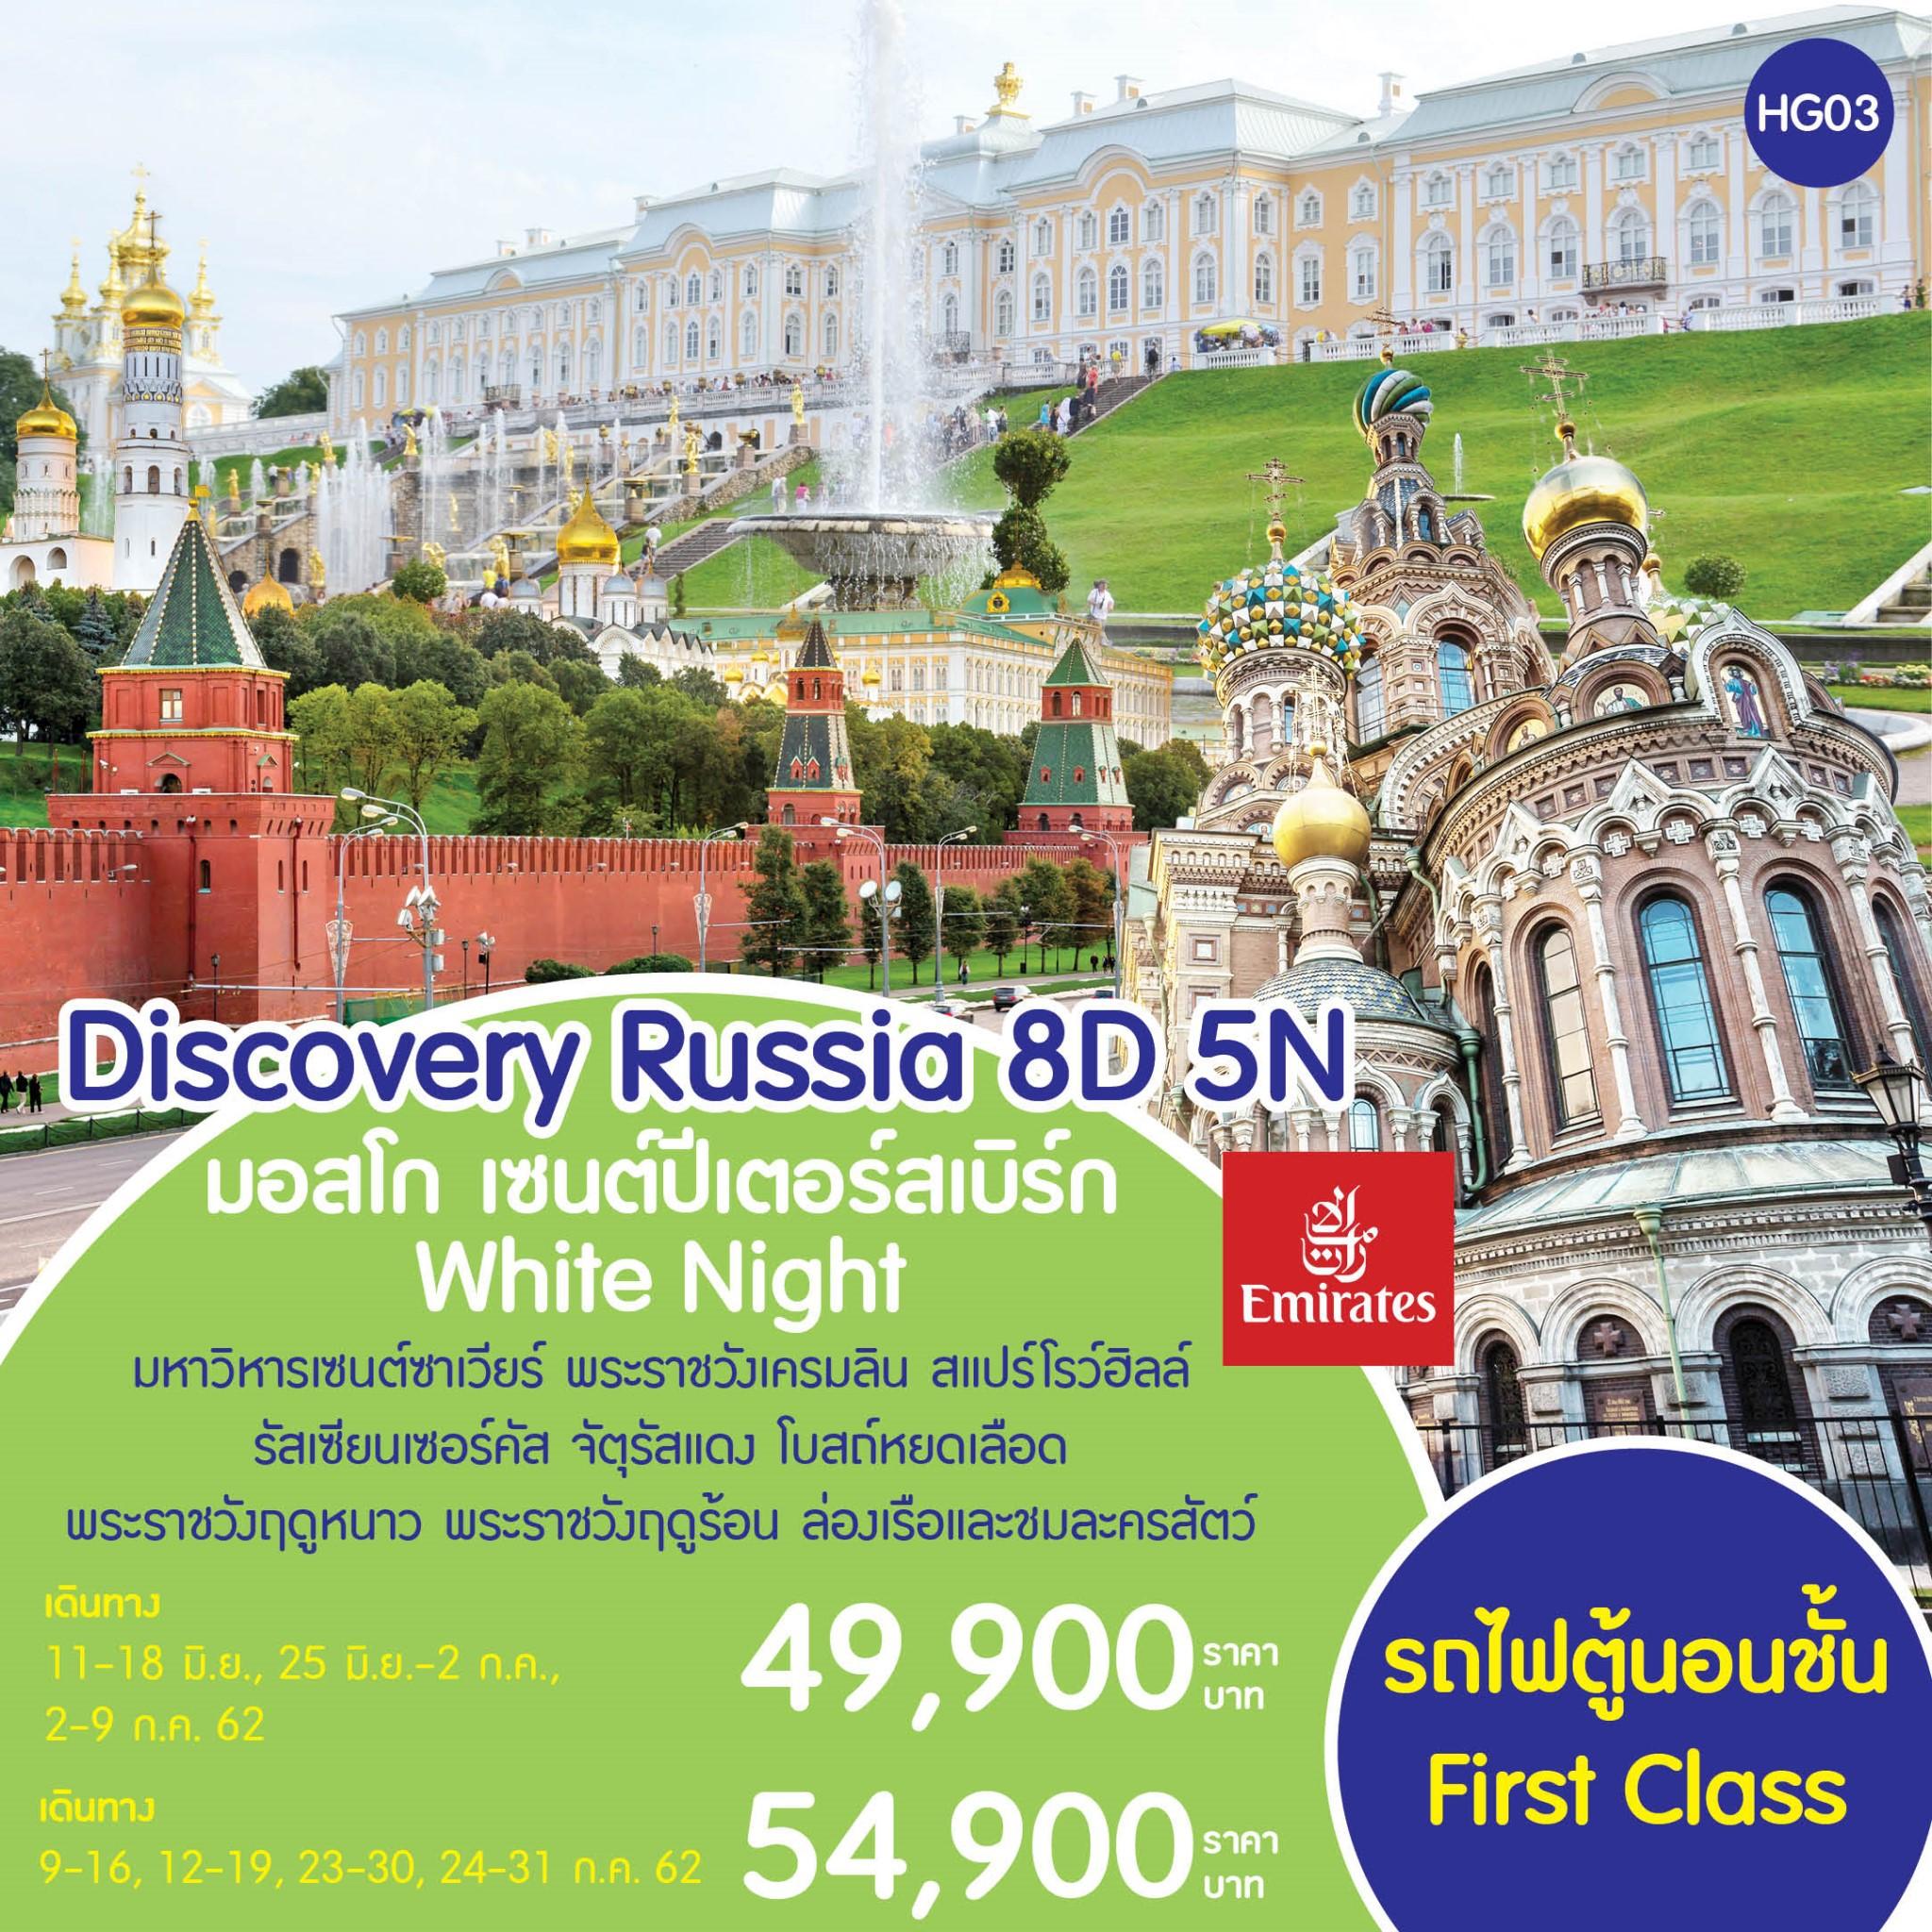 ทัวร์รัสเซีย (HG03) Discovery Russia 8 วัน มอสโคว์ เซนต์ปีเตอร์สเบิร์ก